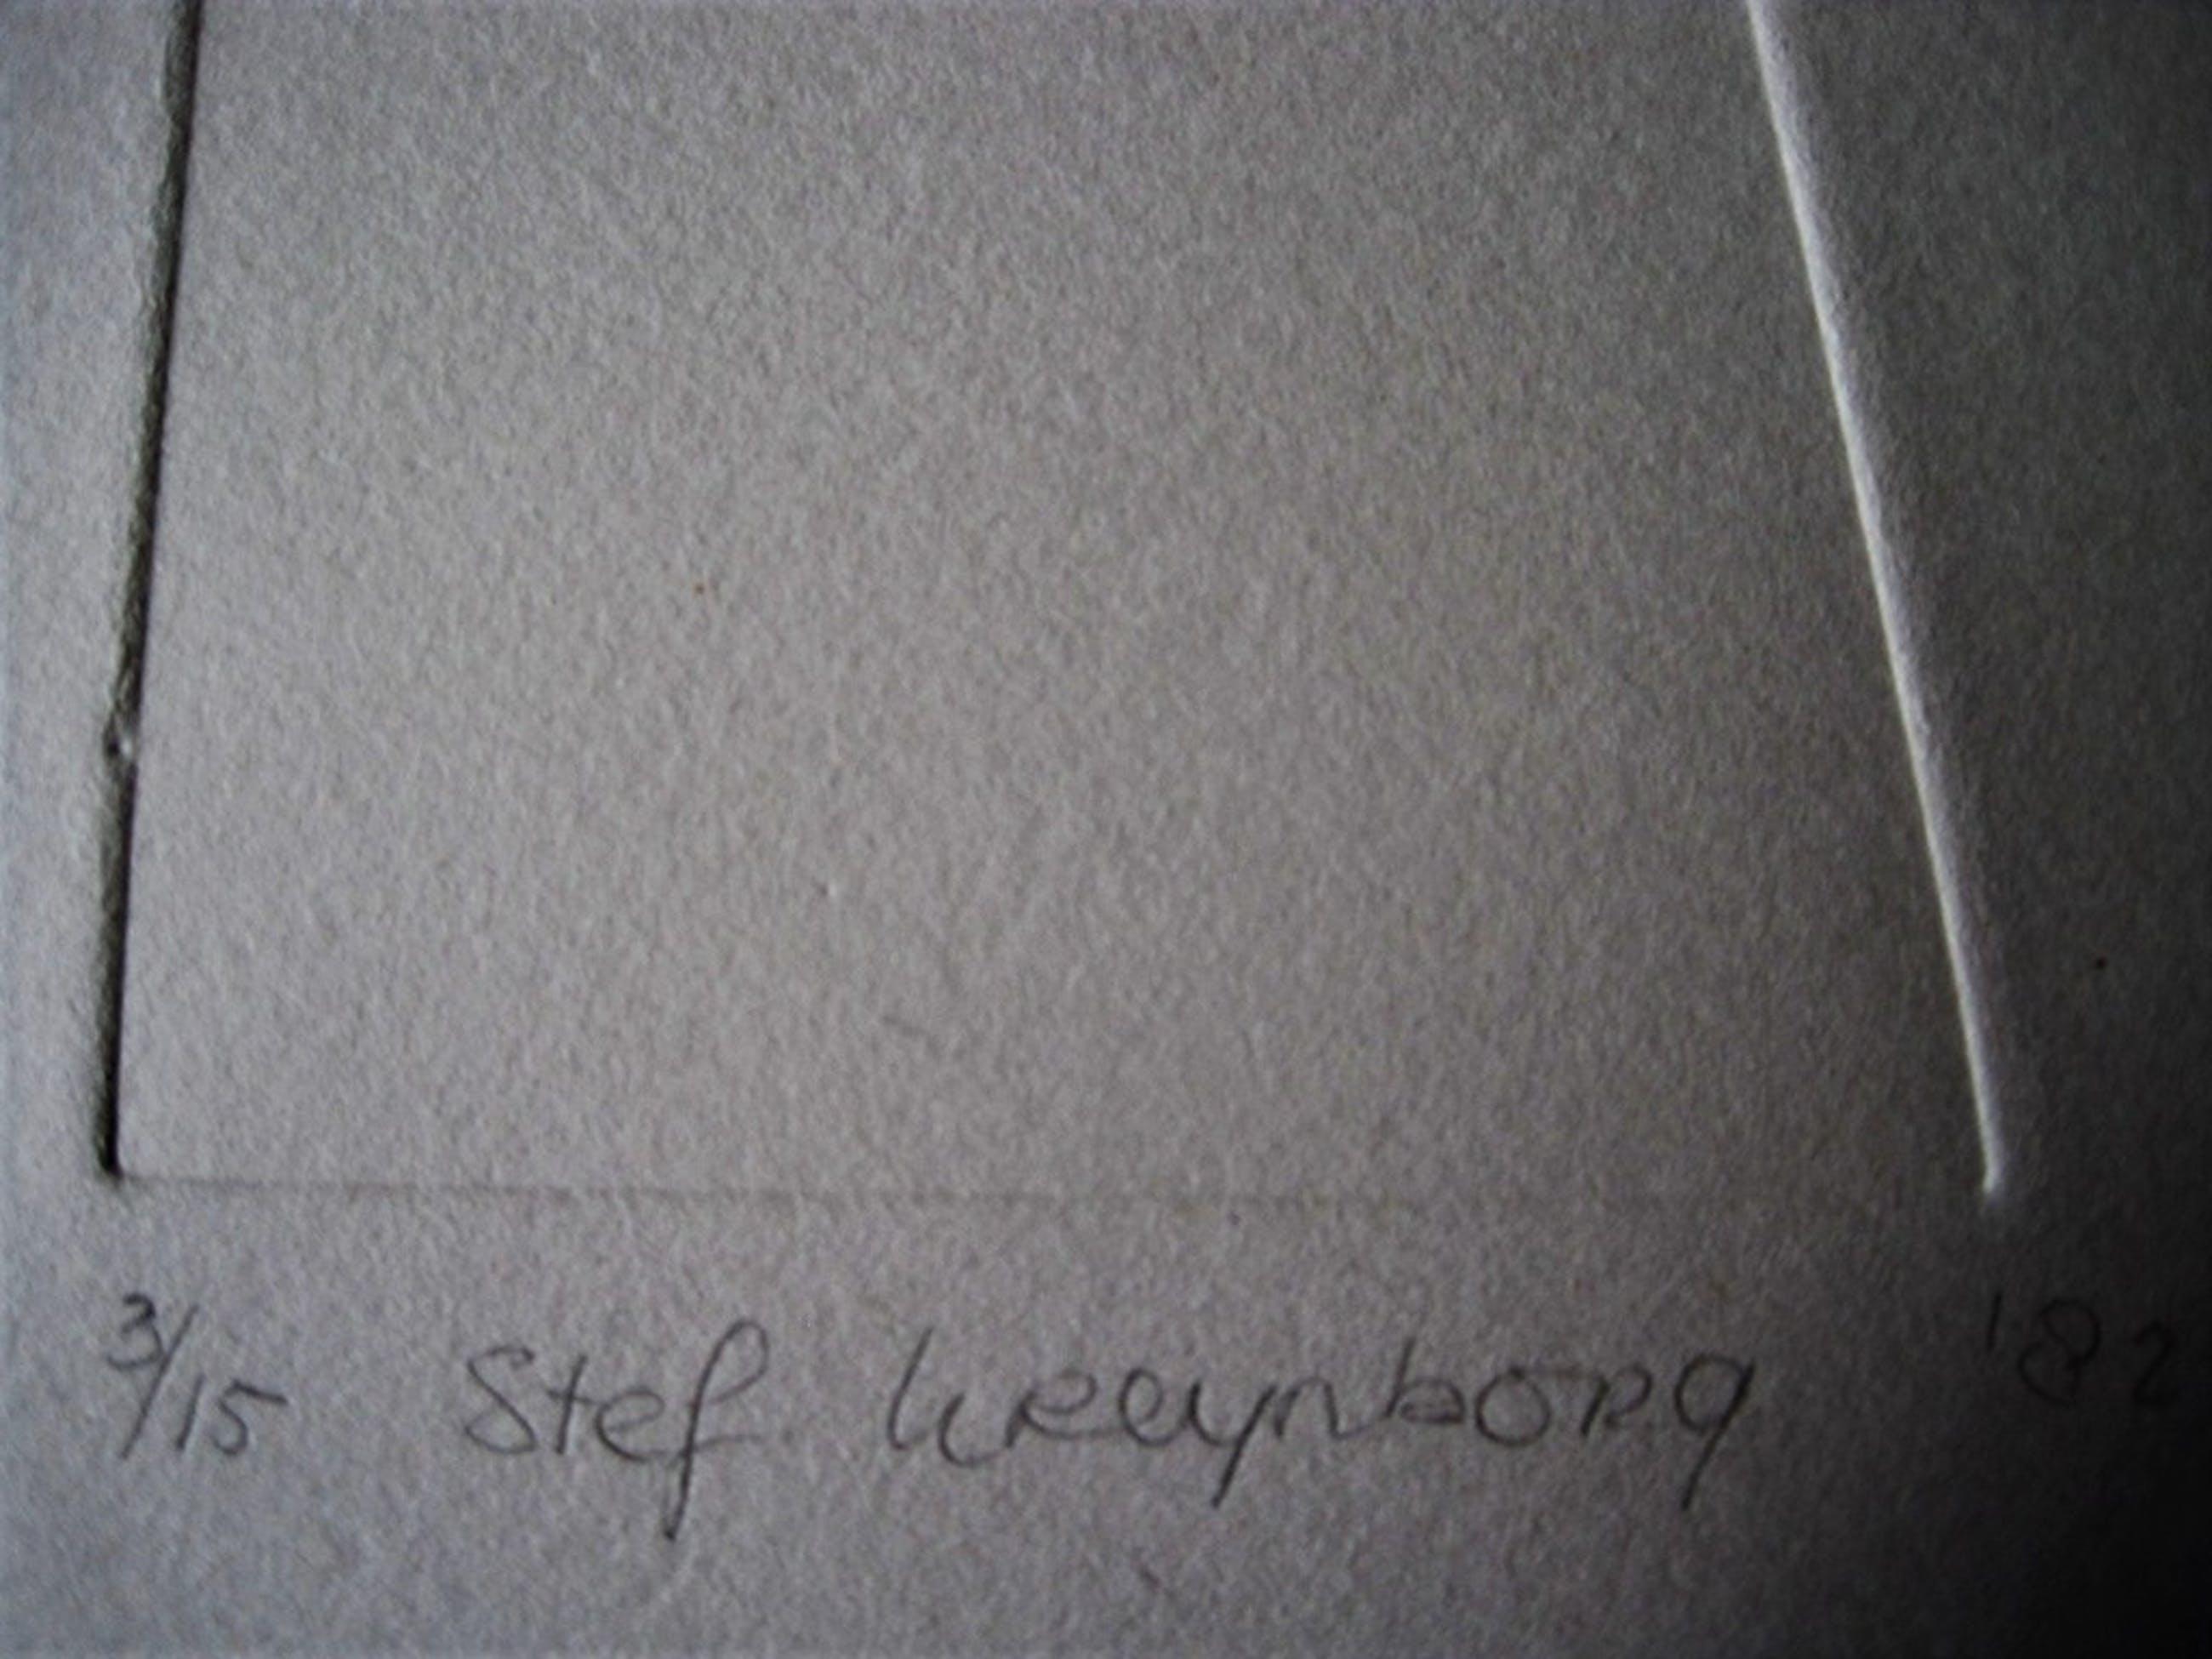 """Bijzondere Reliëfdruk """"Verbinding"""" zeer bep oplage 3/15 ges. Stef Kreymborg '82  kopen? Bied vanaf 1!"""